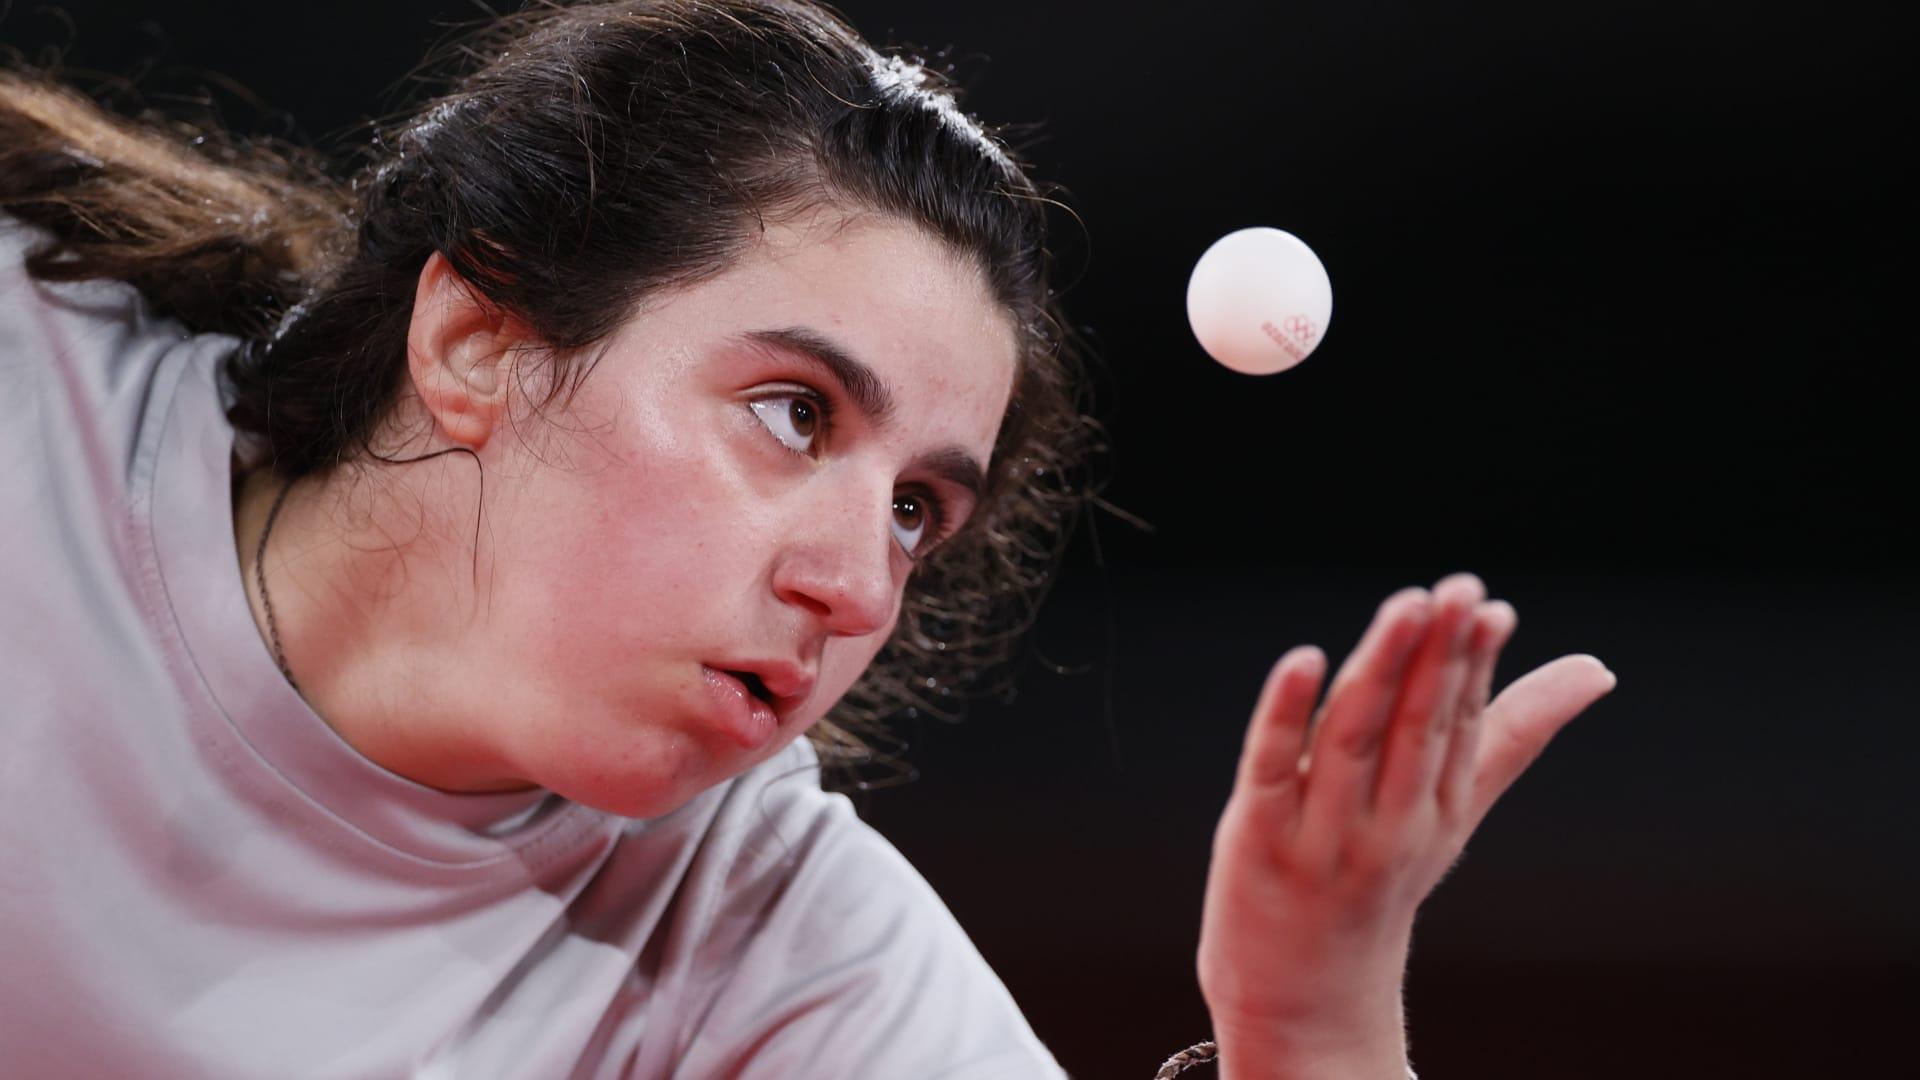 خسرت المنافسة وربحت القلوب.. السورية هند ظاظا تودع الأولمبياد وتحقق رقما تاريخيا